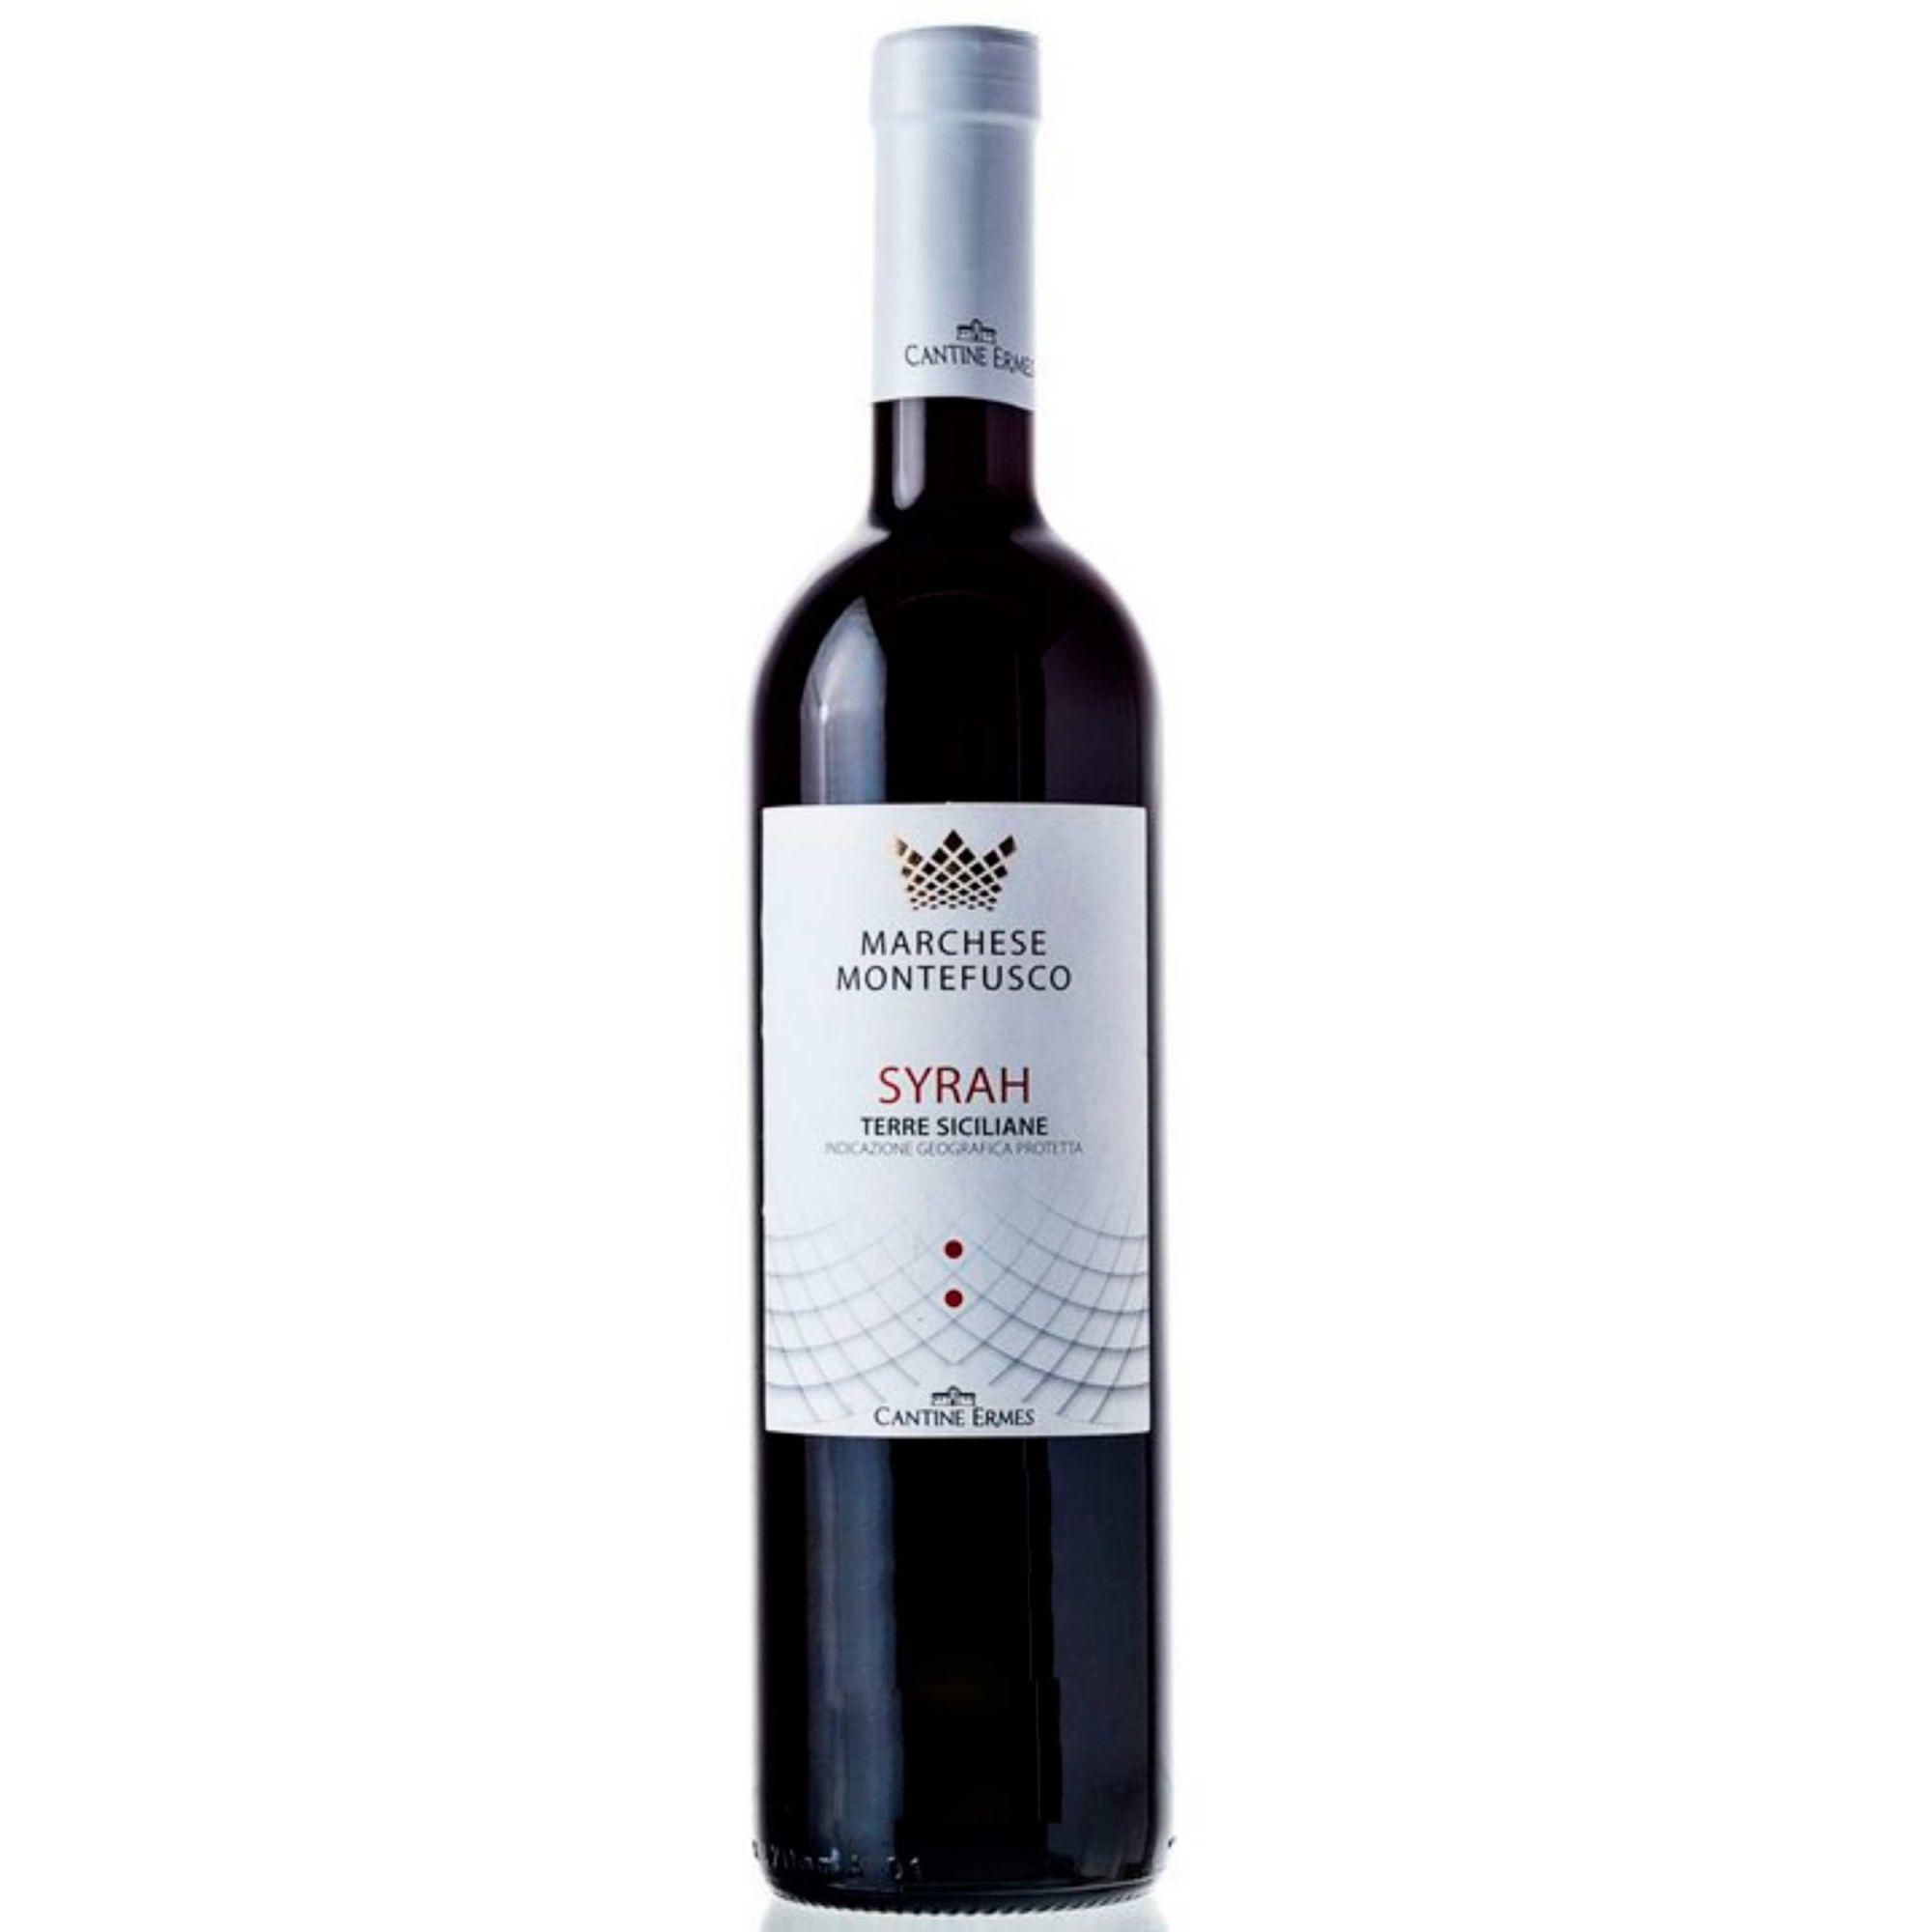 Vinho Marchese Montefusco Syrah